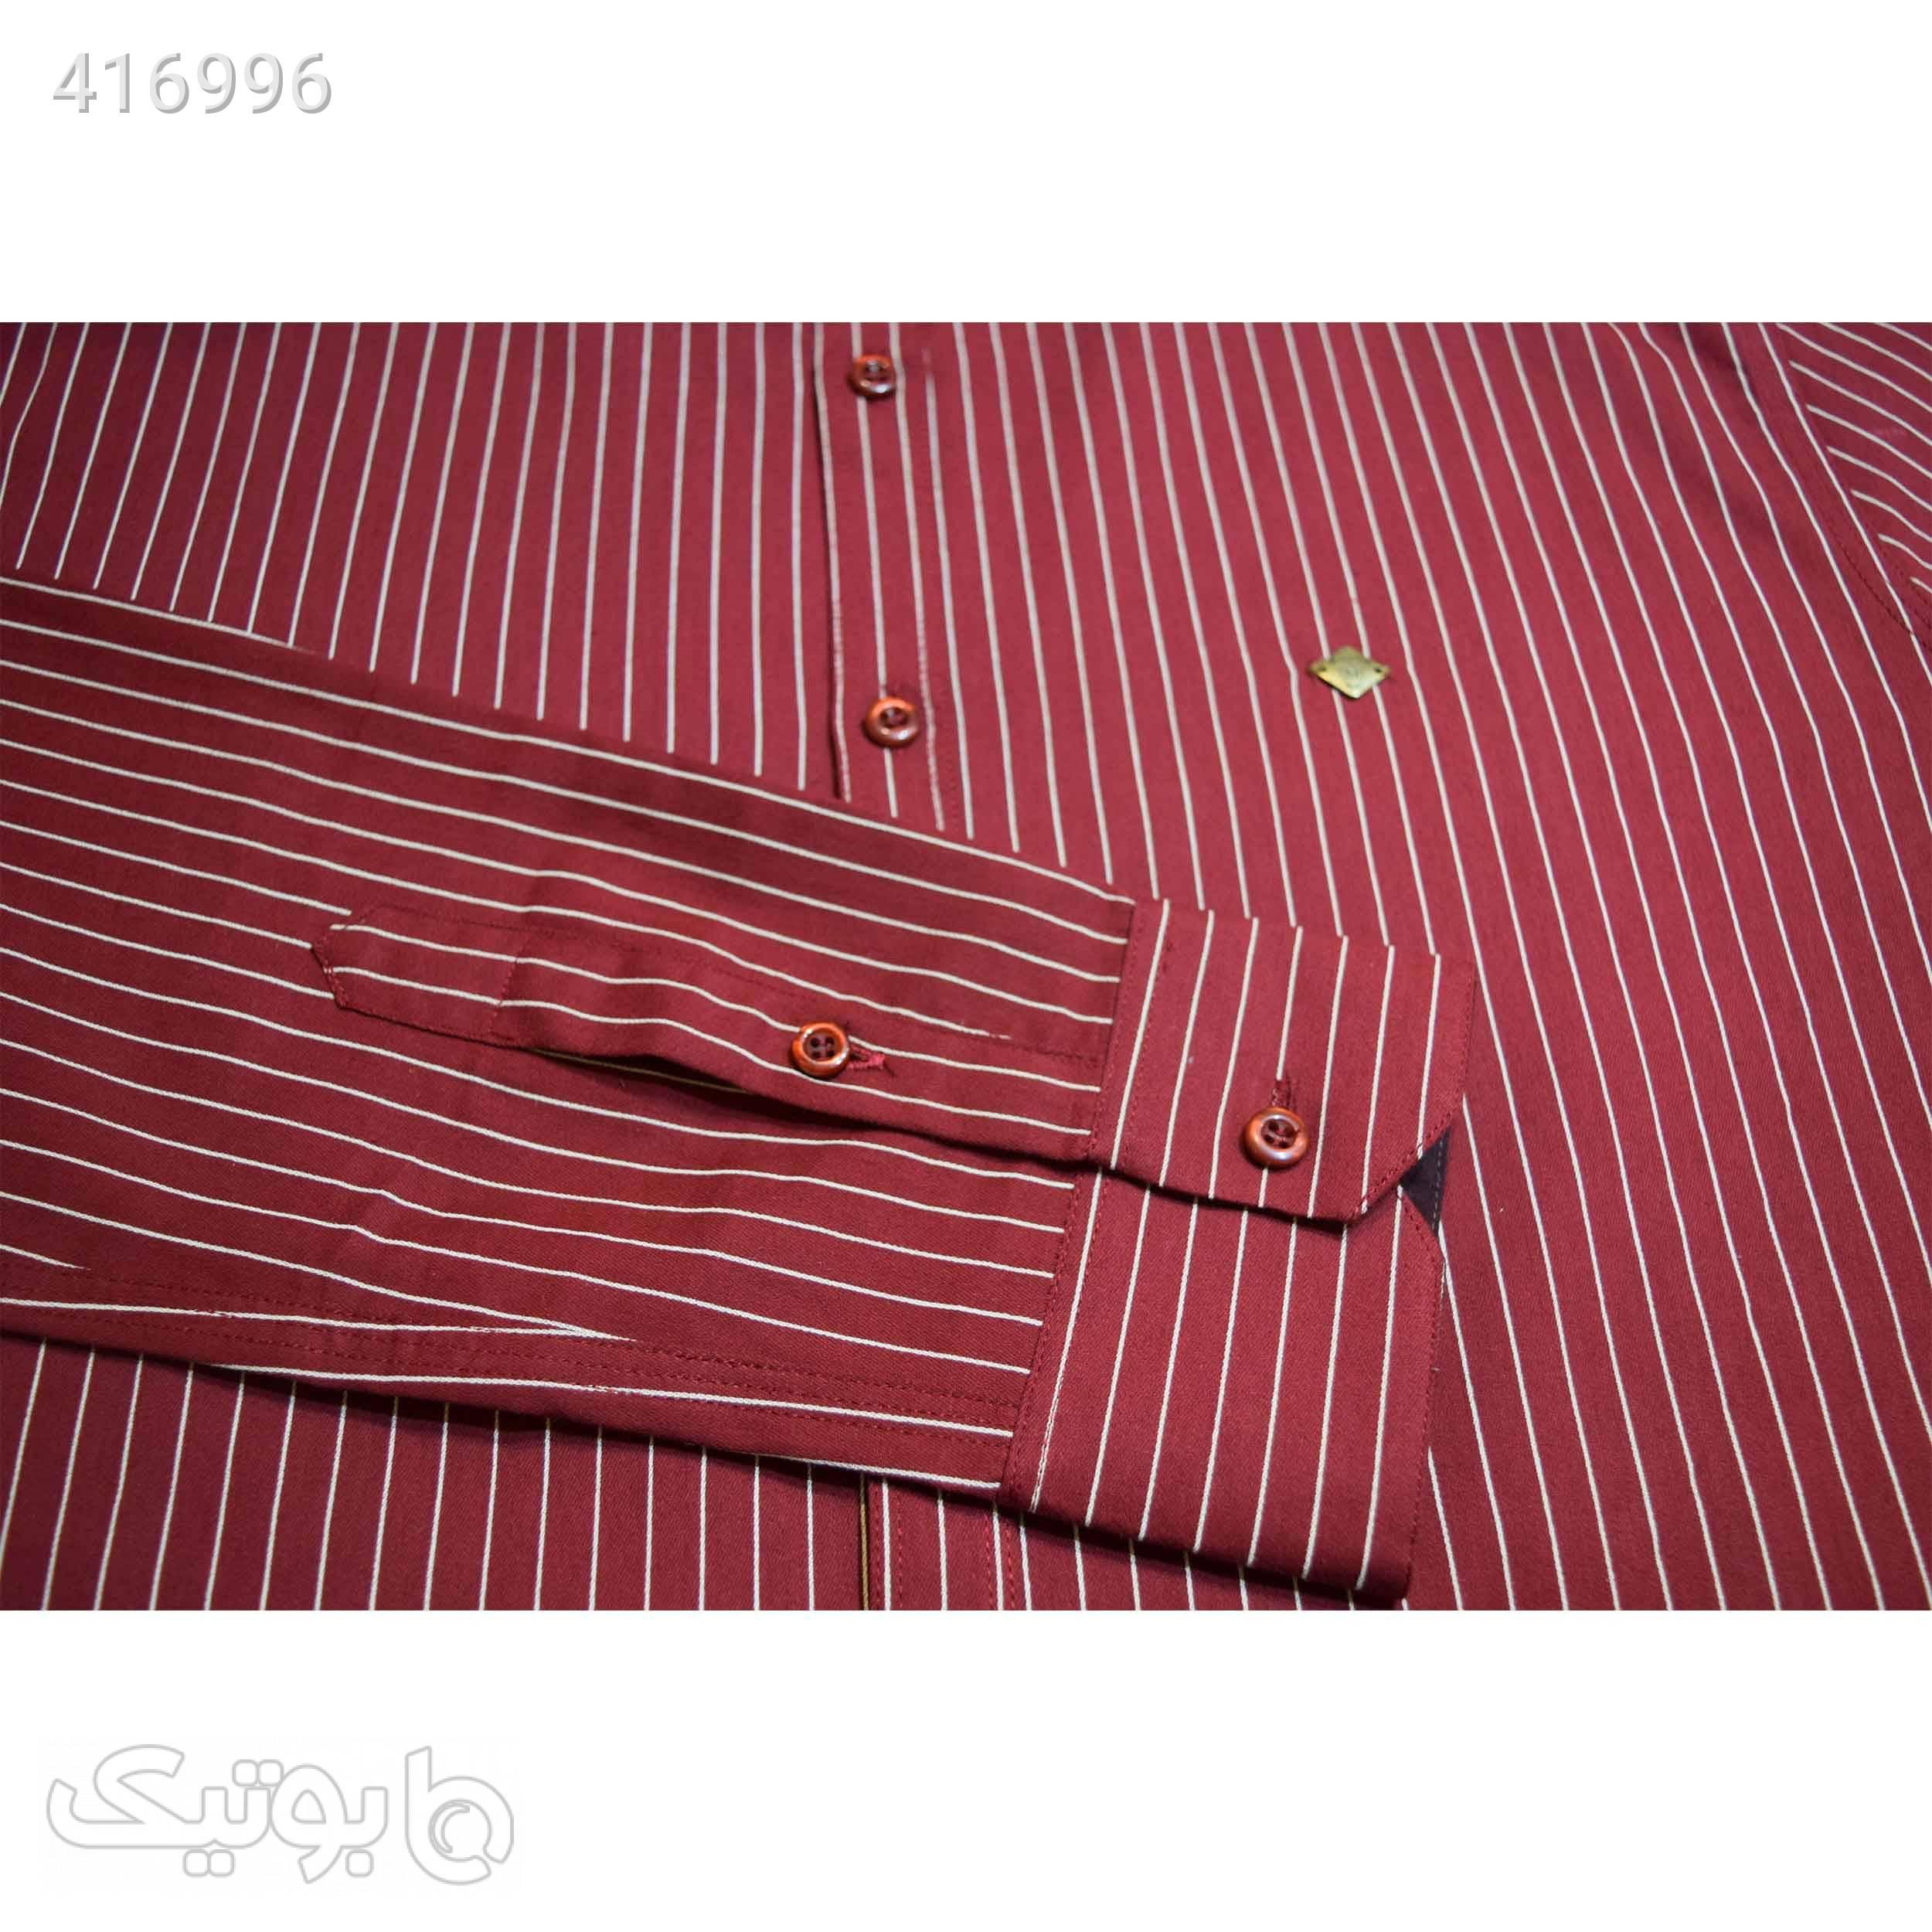 پیراهن مردانه اسپرت کد  1919970 سبز پيراهن مردانه